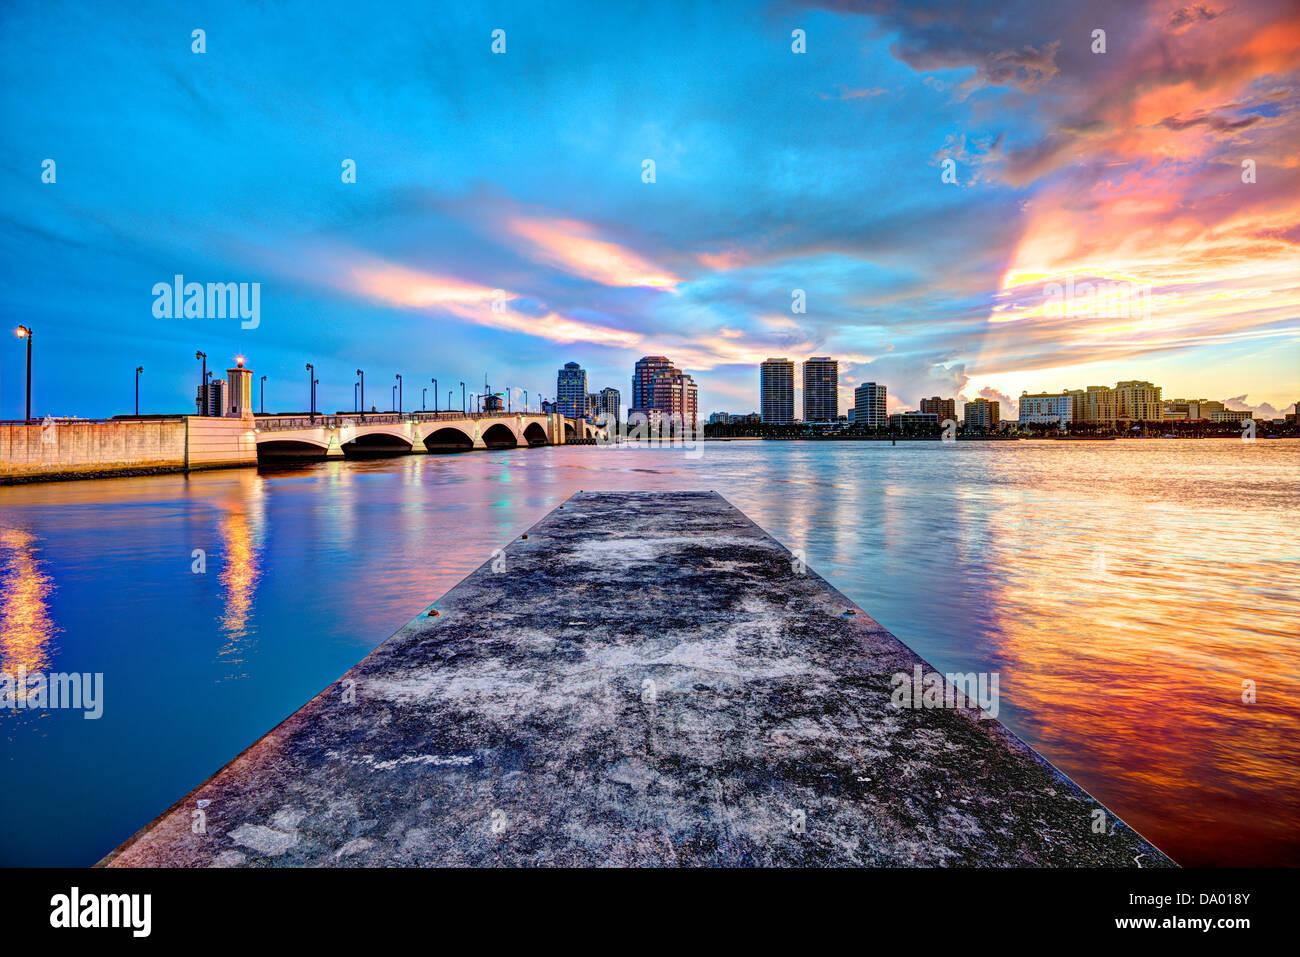 Die Skyline der Innenstadt West Palm Beach, Florida. Stockbild